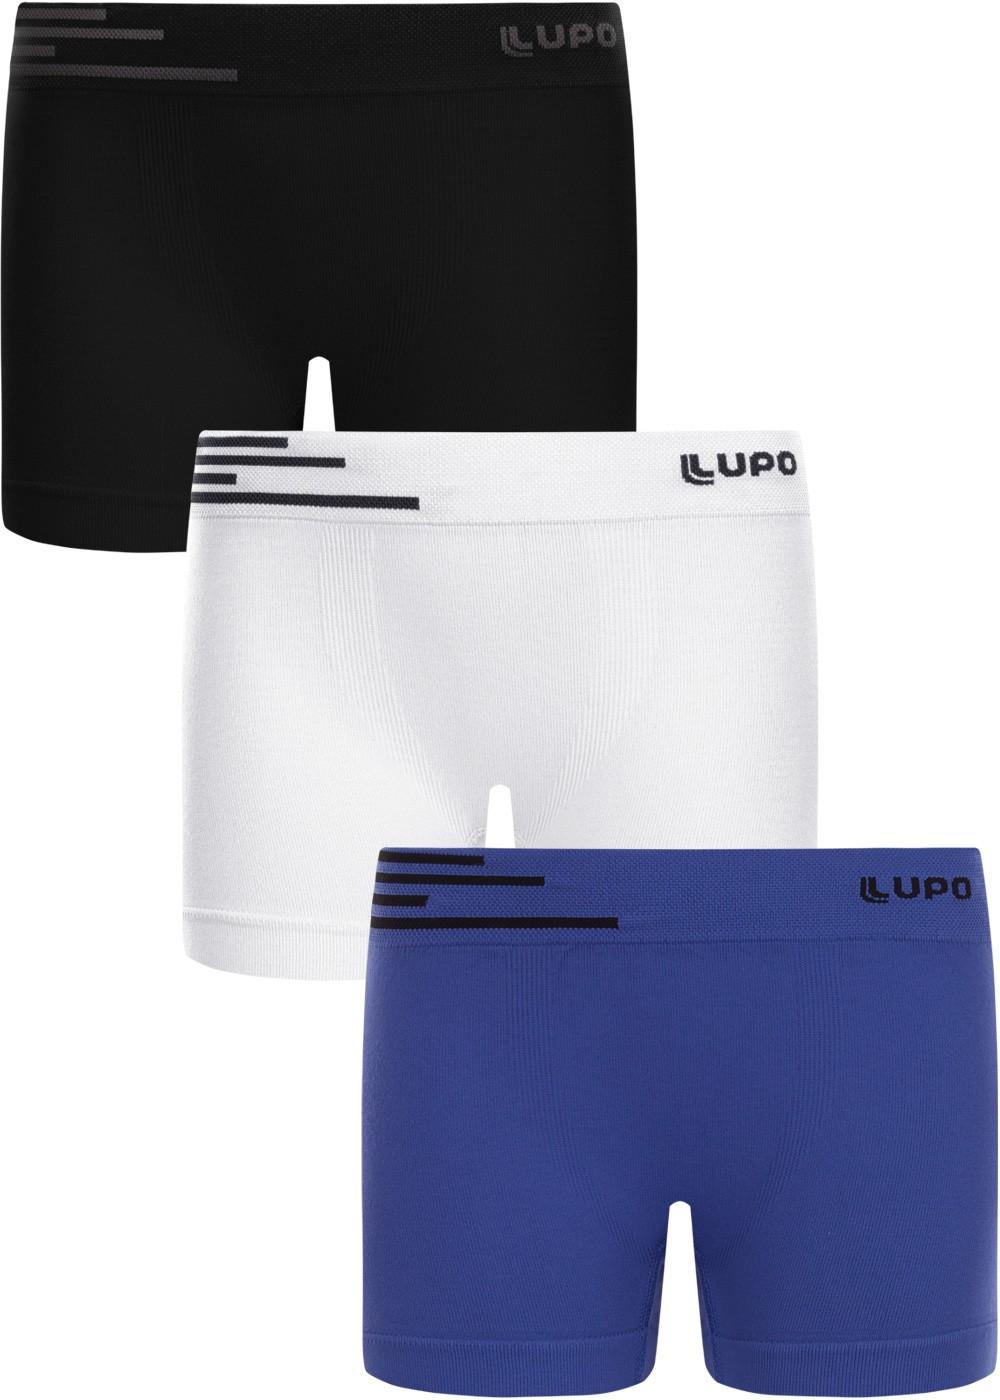 Cueca Infantil Boxer em Microfibra Kit com 3 cuecas Lupo